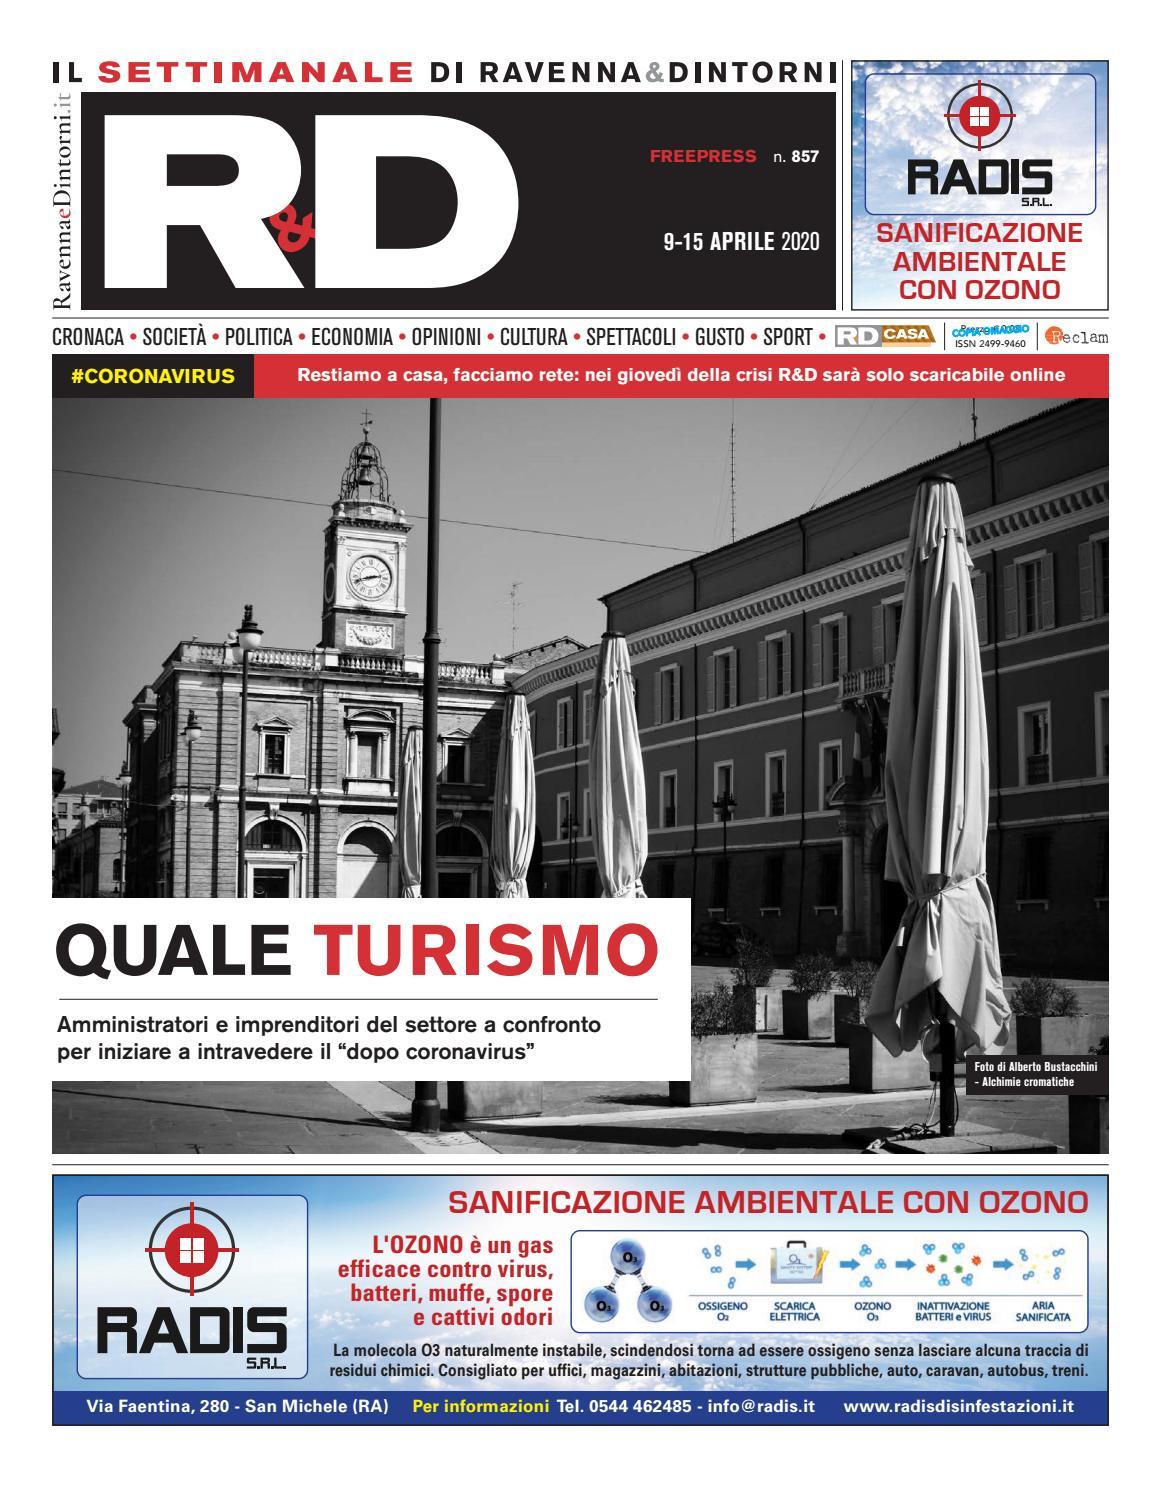 Casa Del Materasso Lugo r&d 09 04 20 by reclam edizioni e comunicazione - issuu